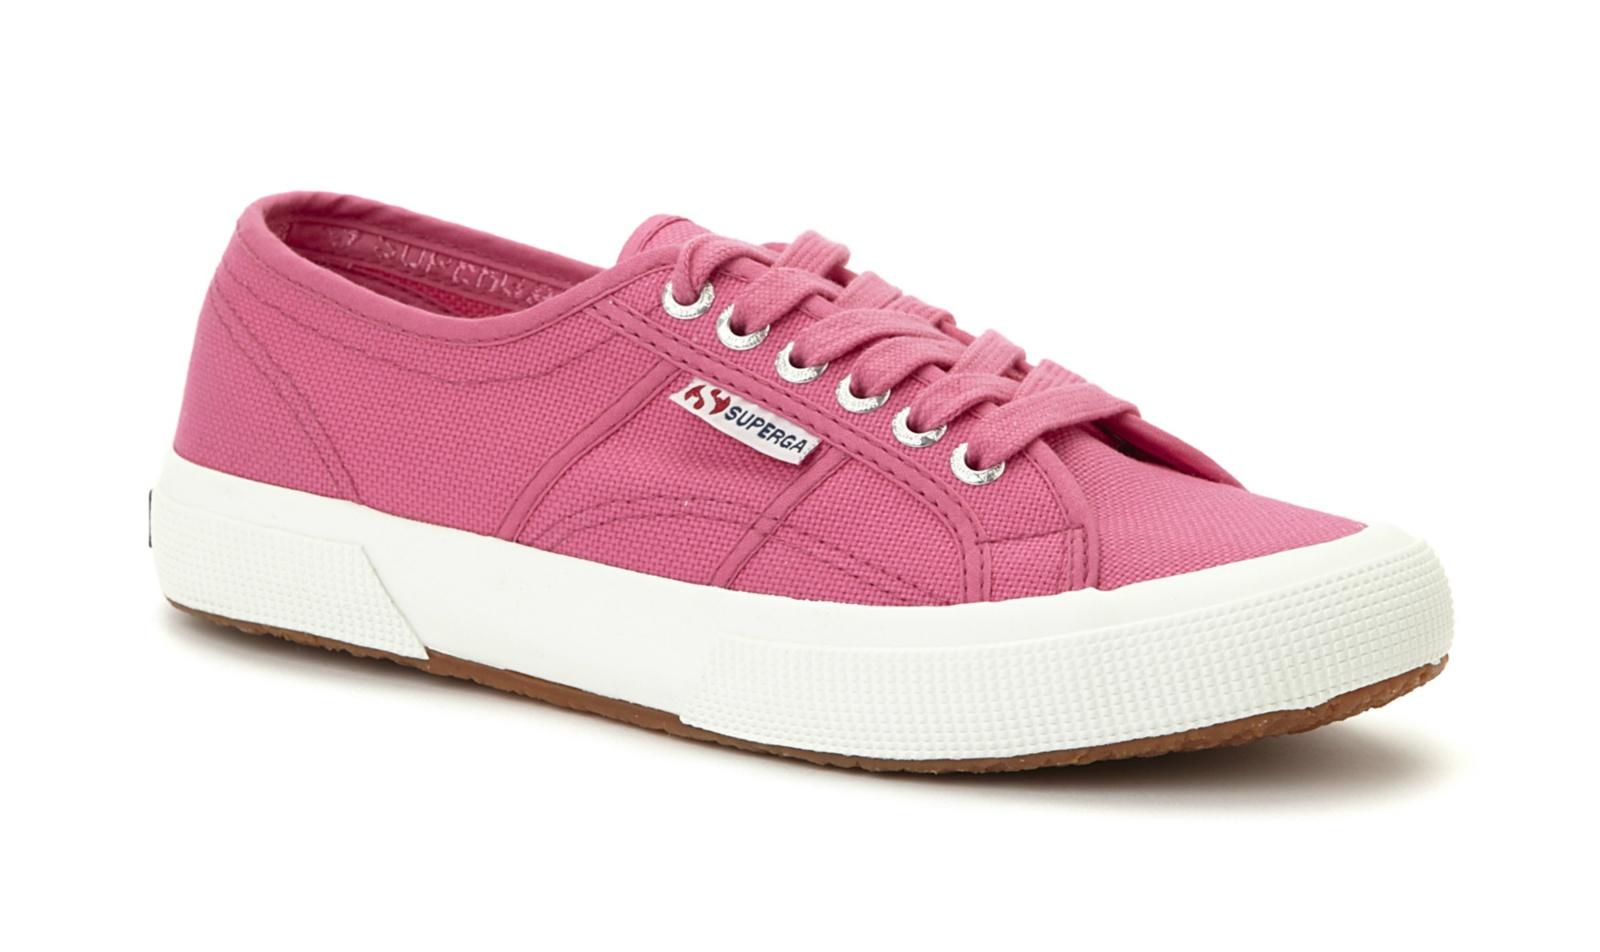 superga unisex 2750 cotu classic pink canvas trainers